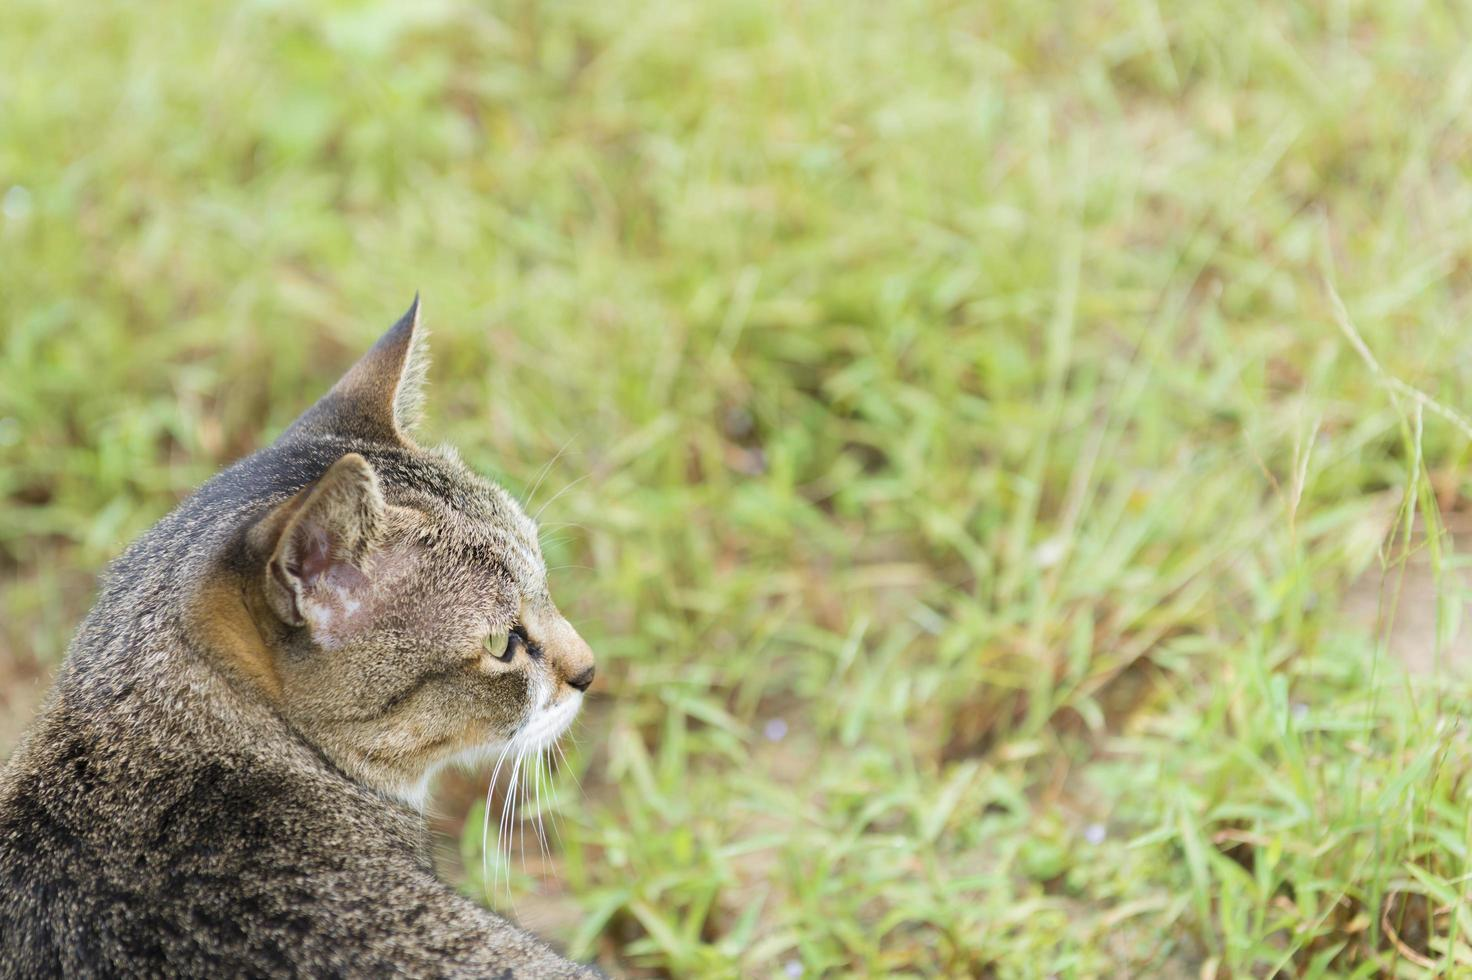 kat op zoek naar groen gras op de natuur achtergrond foto